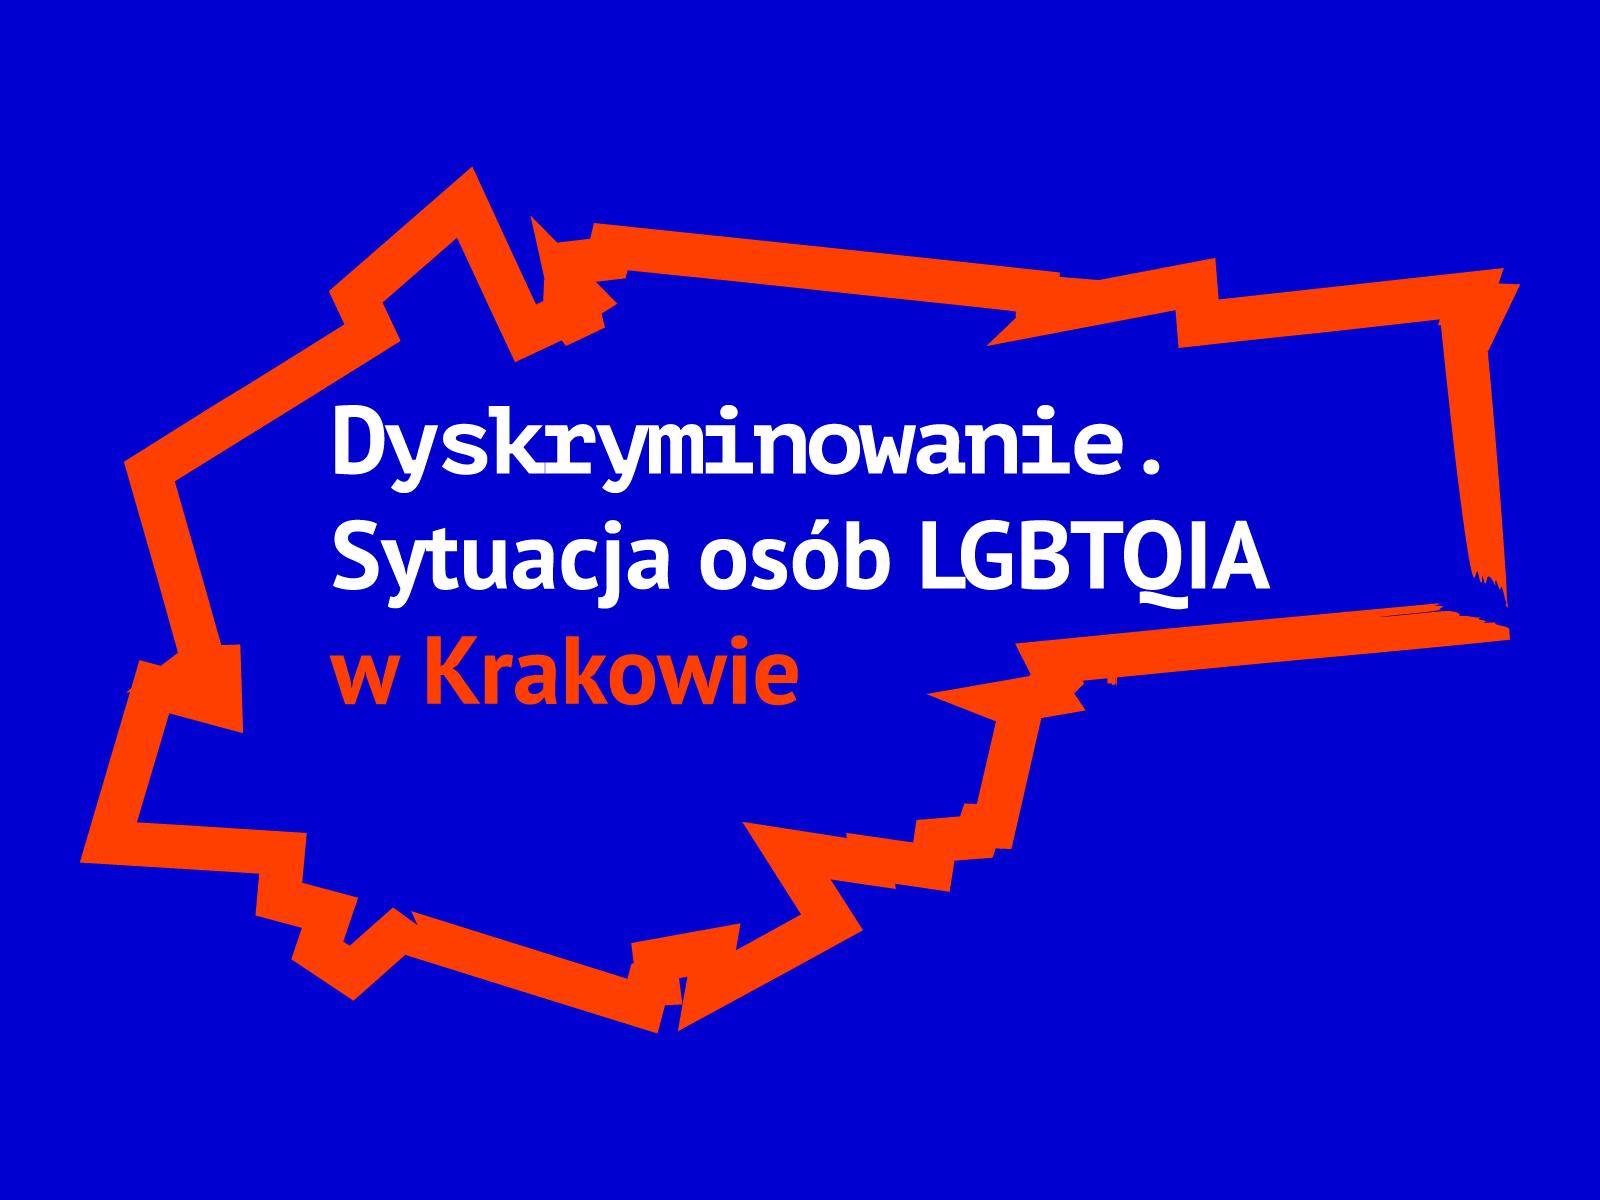 Ponad 63% osób LGBTQIA w Krakowie doświadczyło dyskryminacji – wyniki pierwszego badania sytuacji osób LGBTQIA